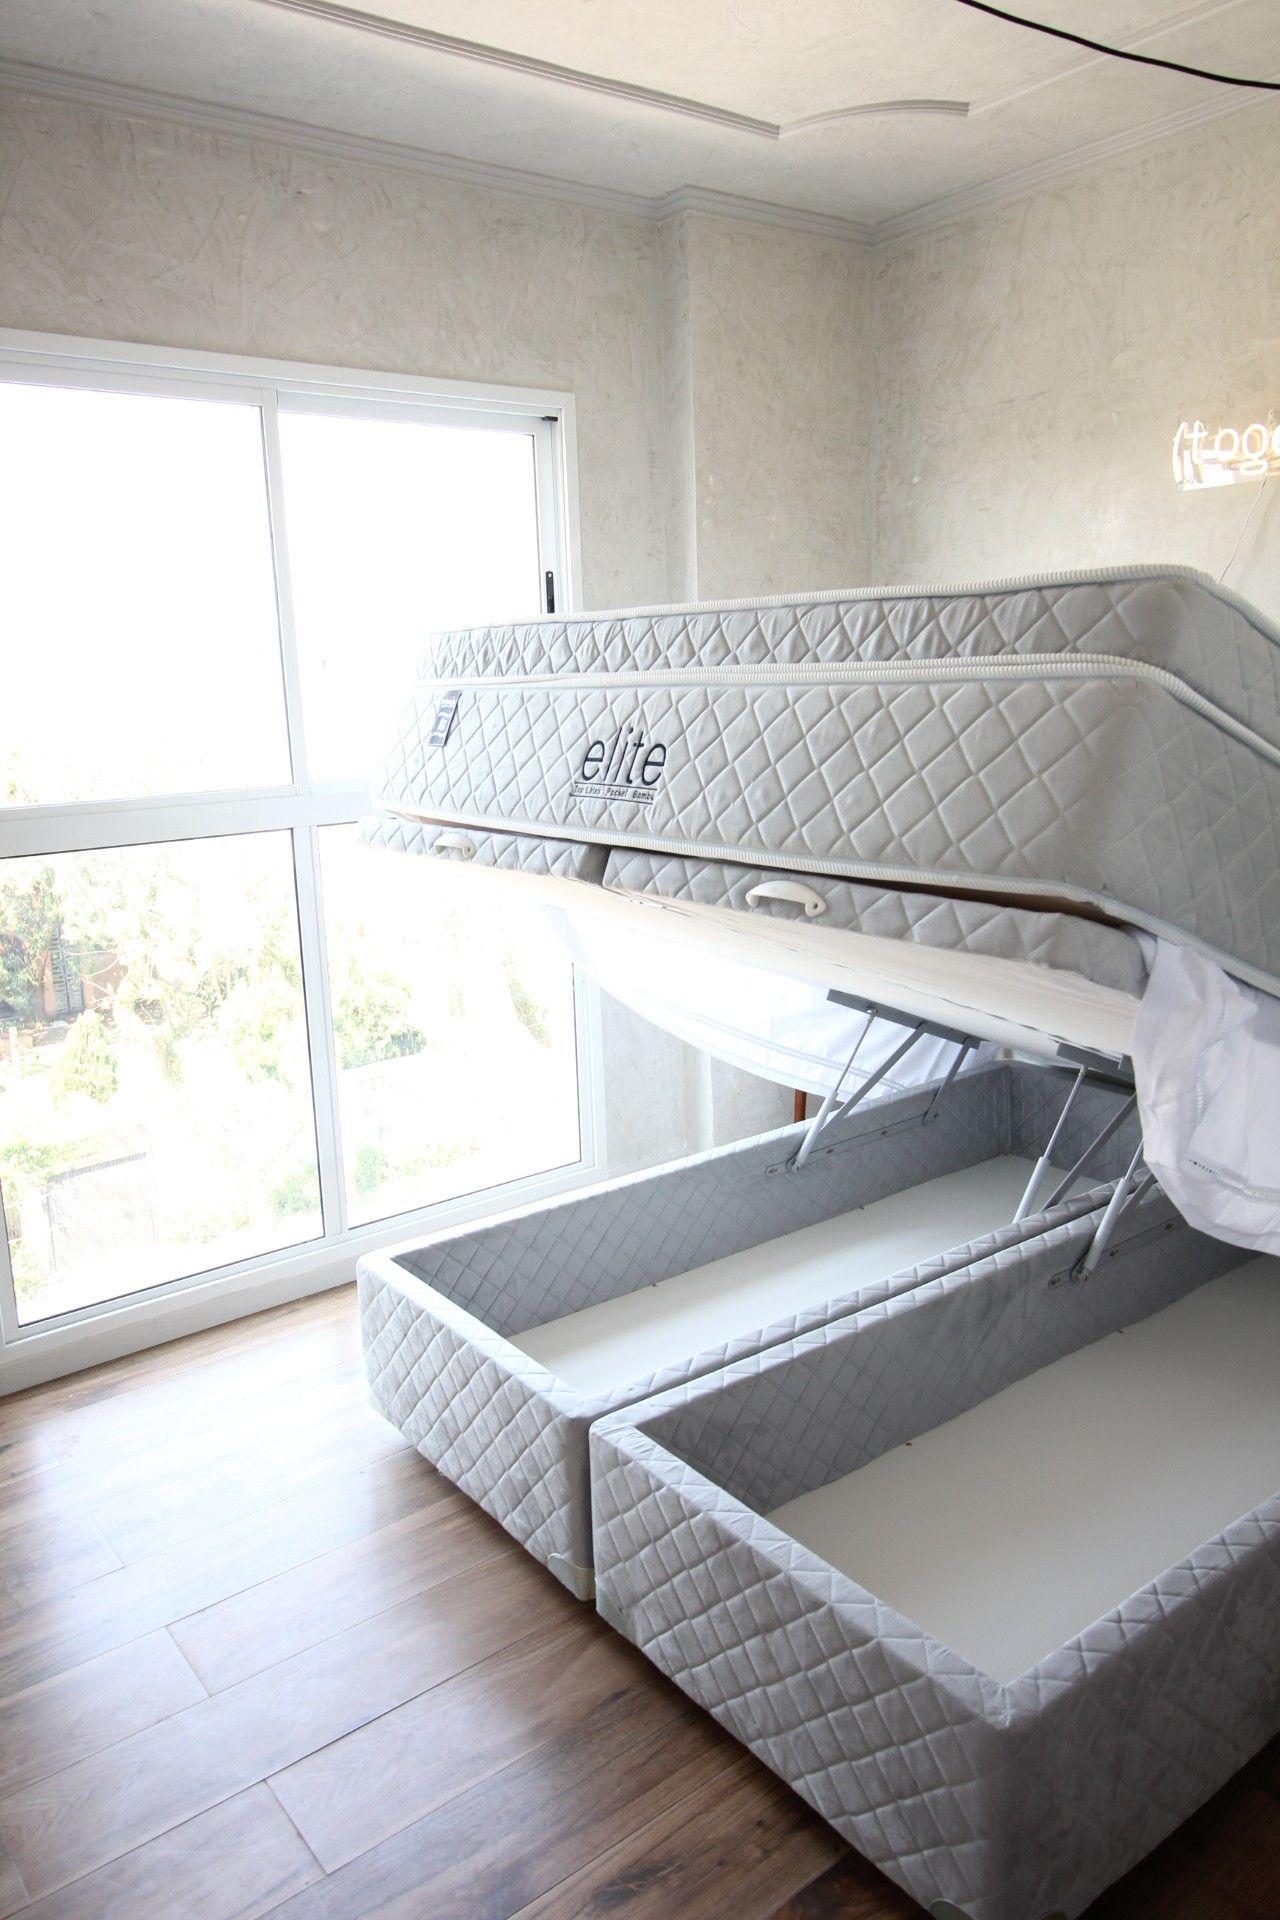 Apartamento.33 | Camas, Cama box y Muebles cama